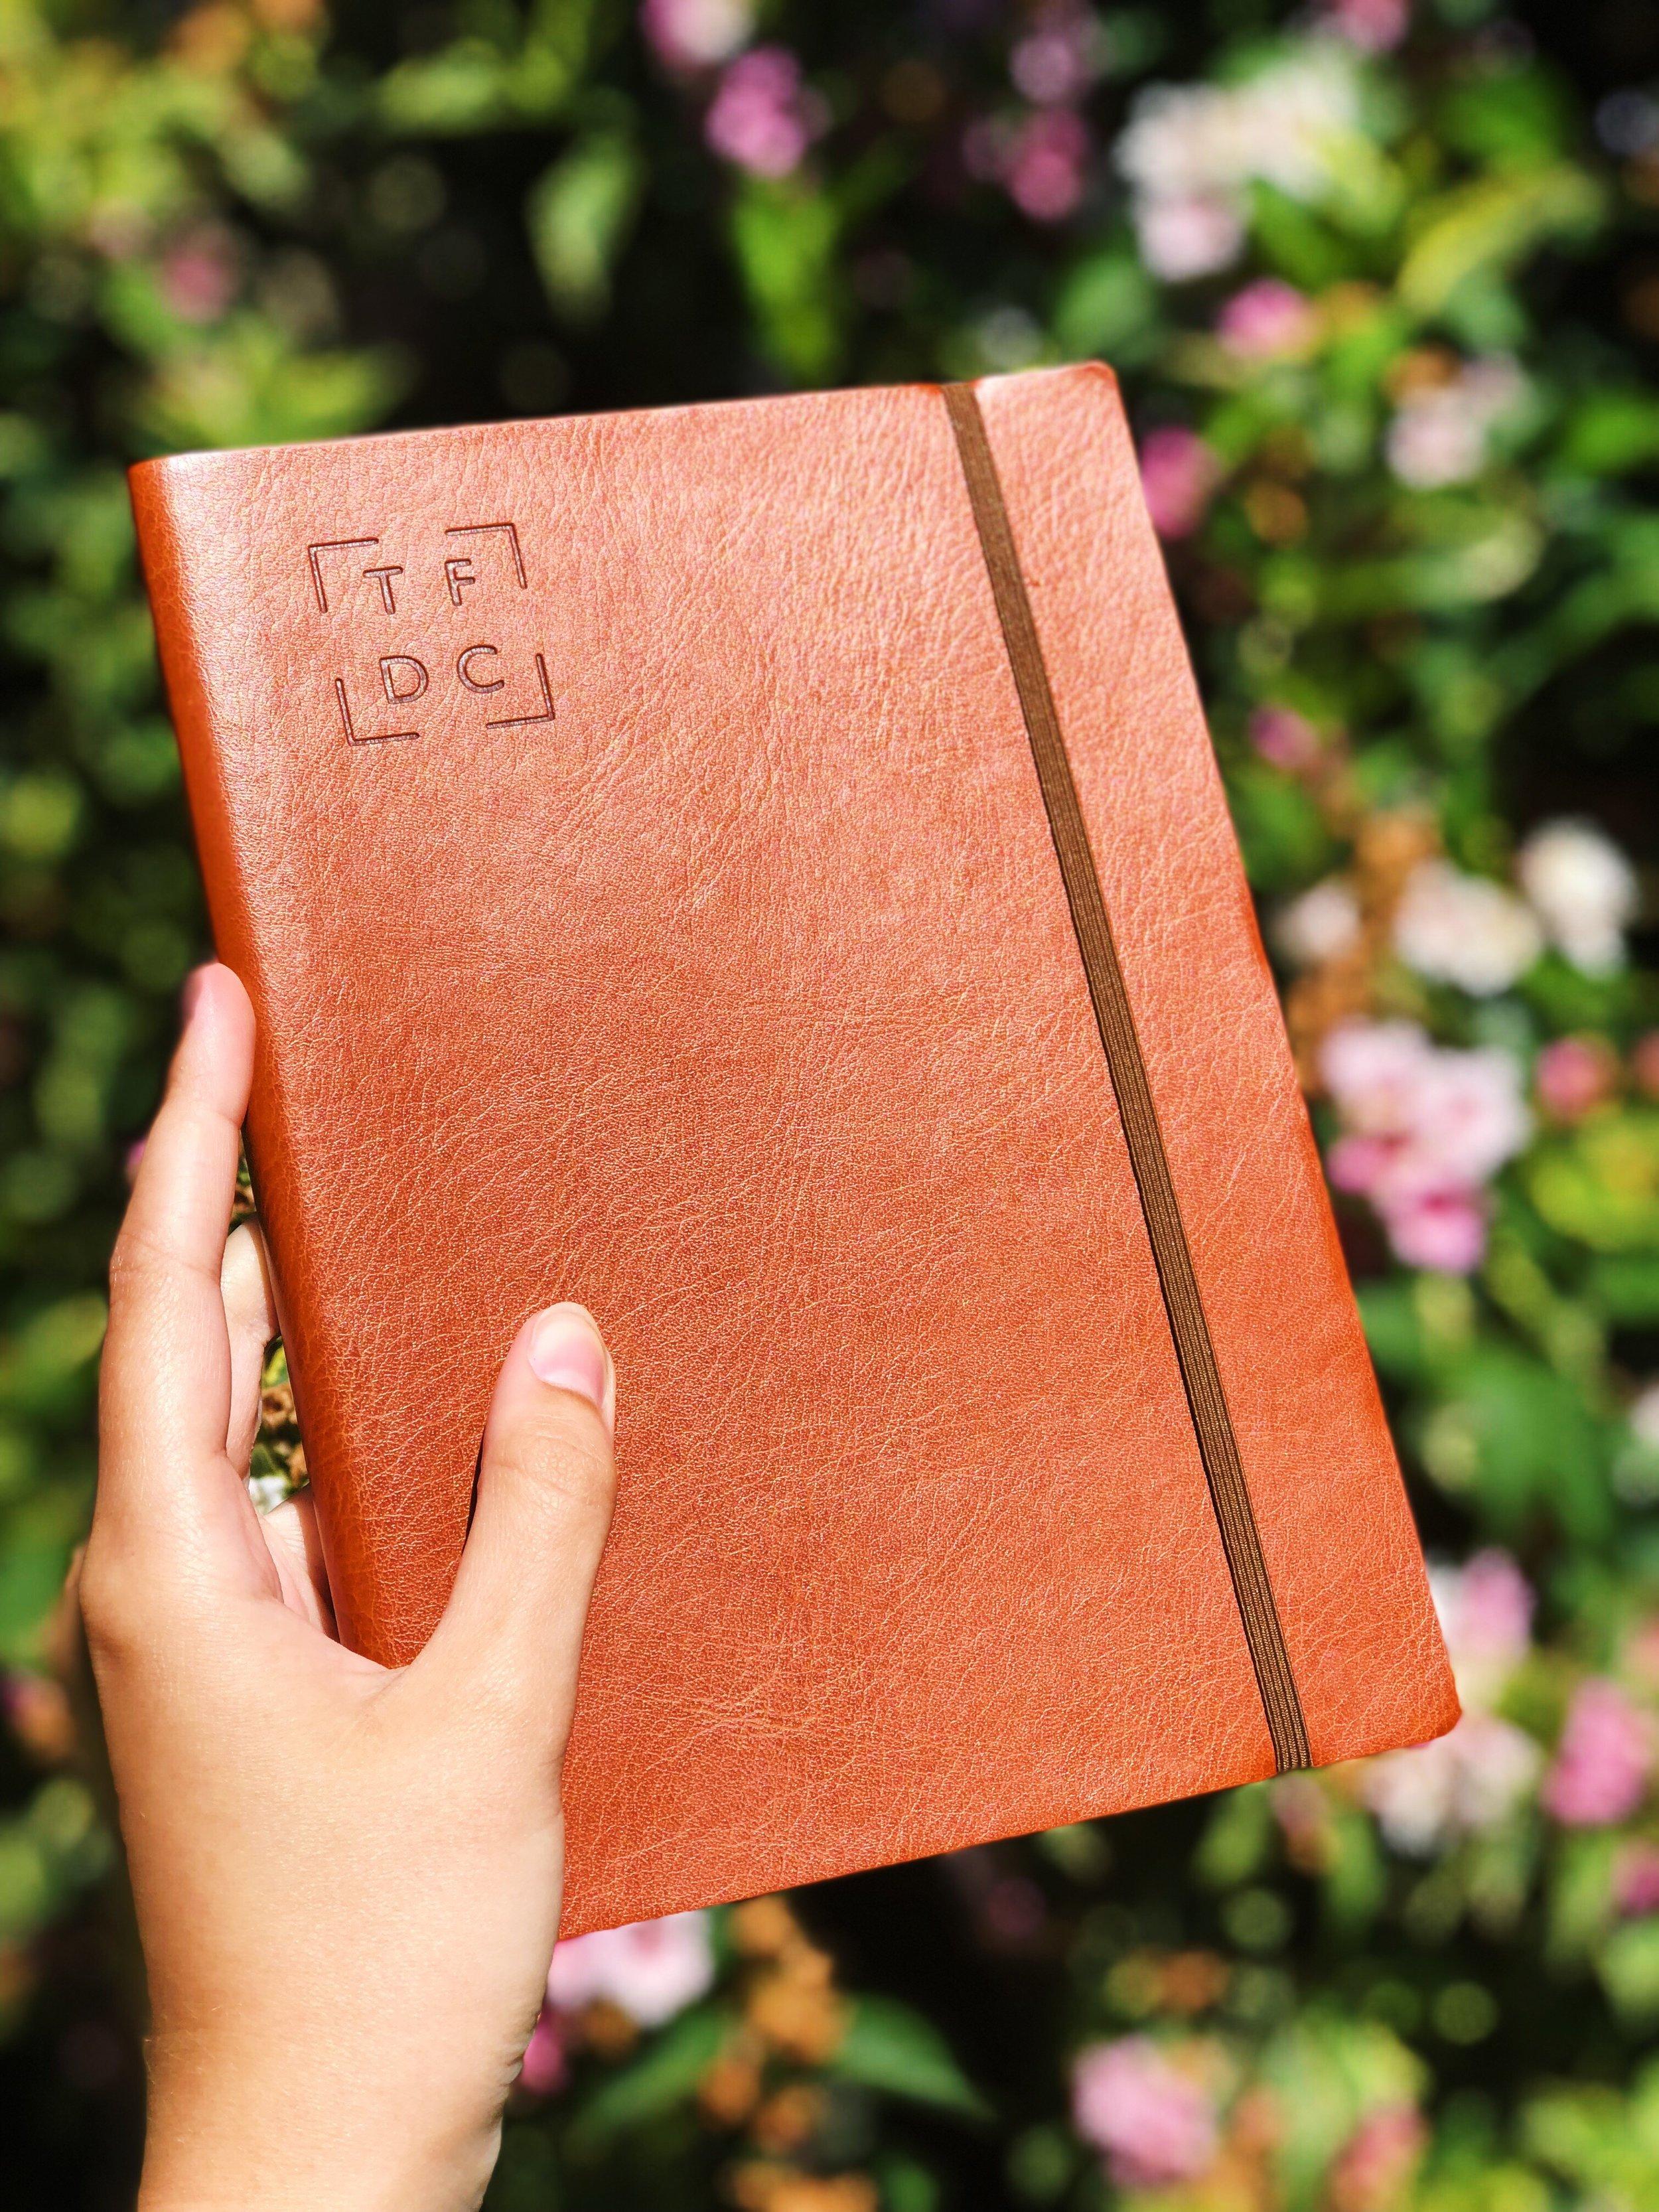 Rhianne S's coeliac food diary story